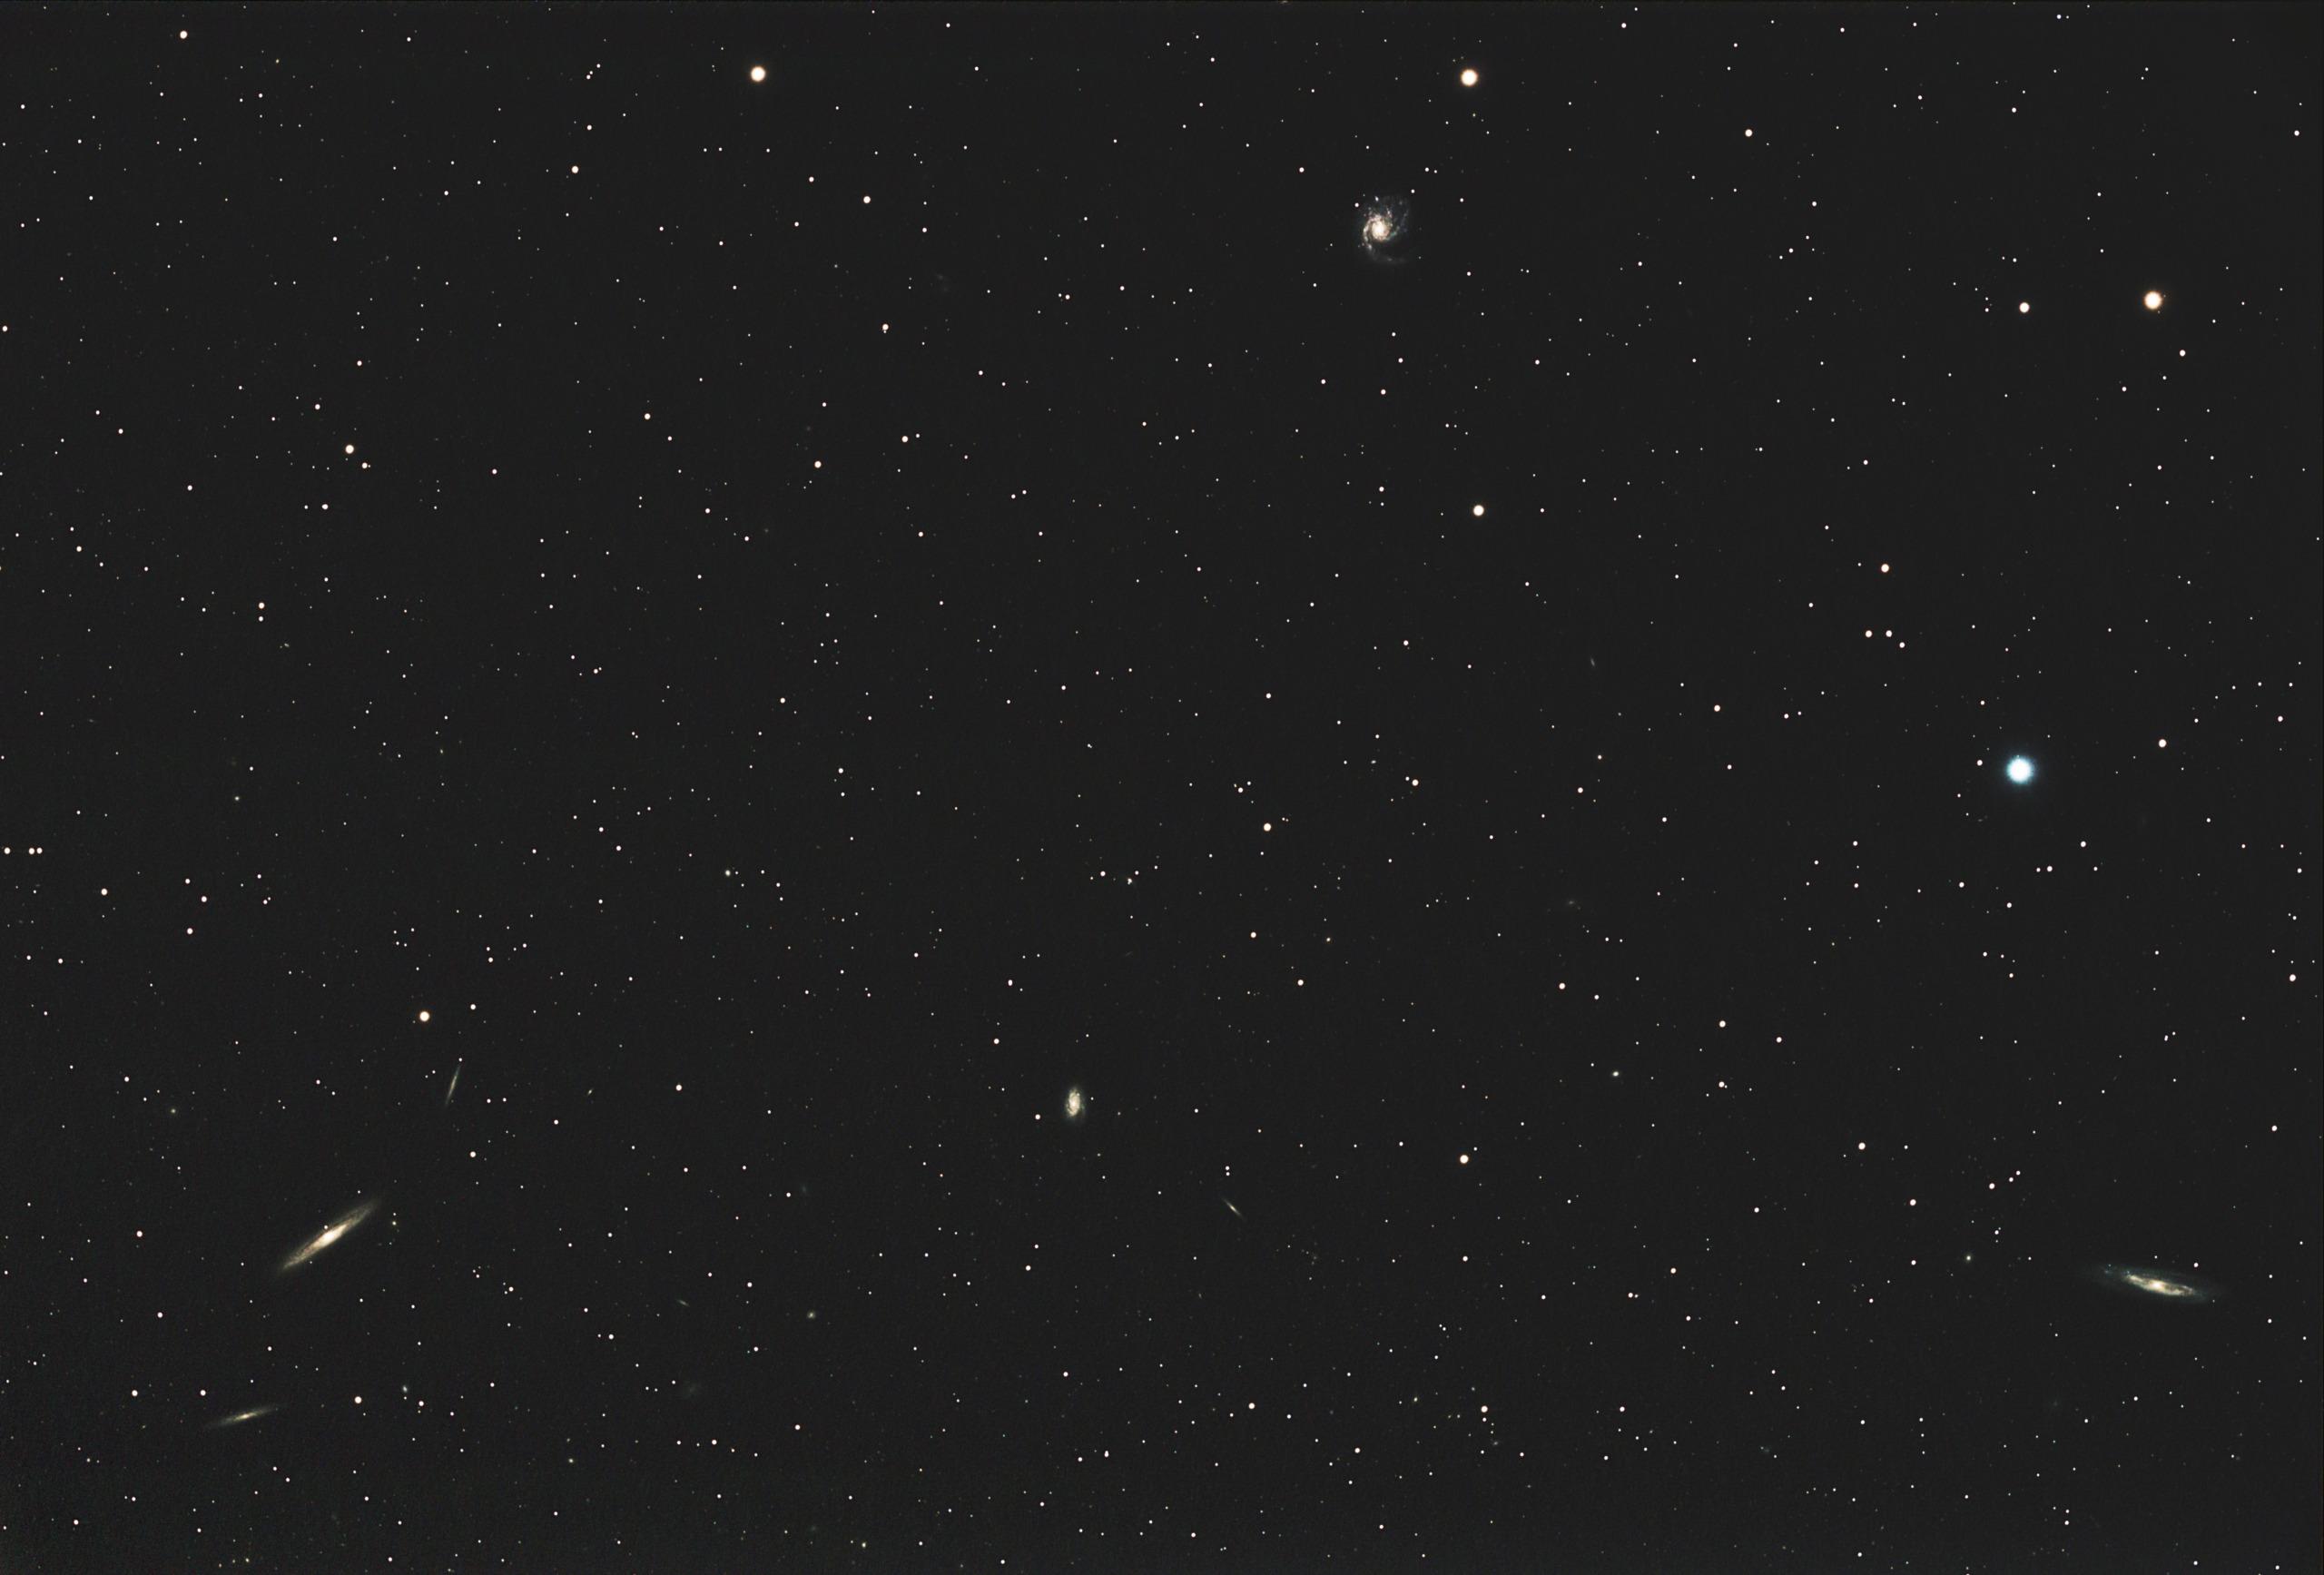 M98, M99 et la Galaxie de la traînée d'argent M98-m912